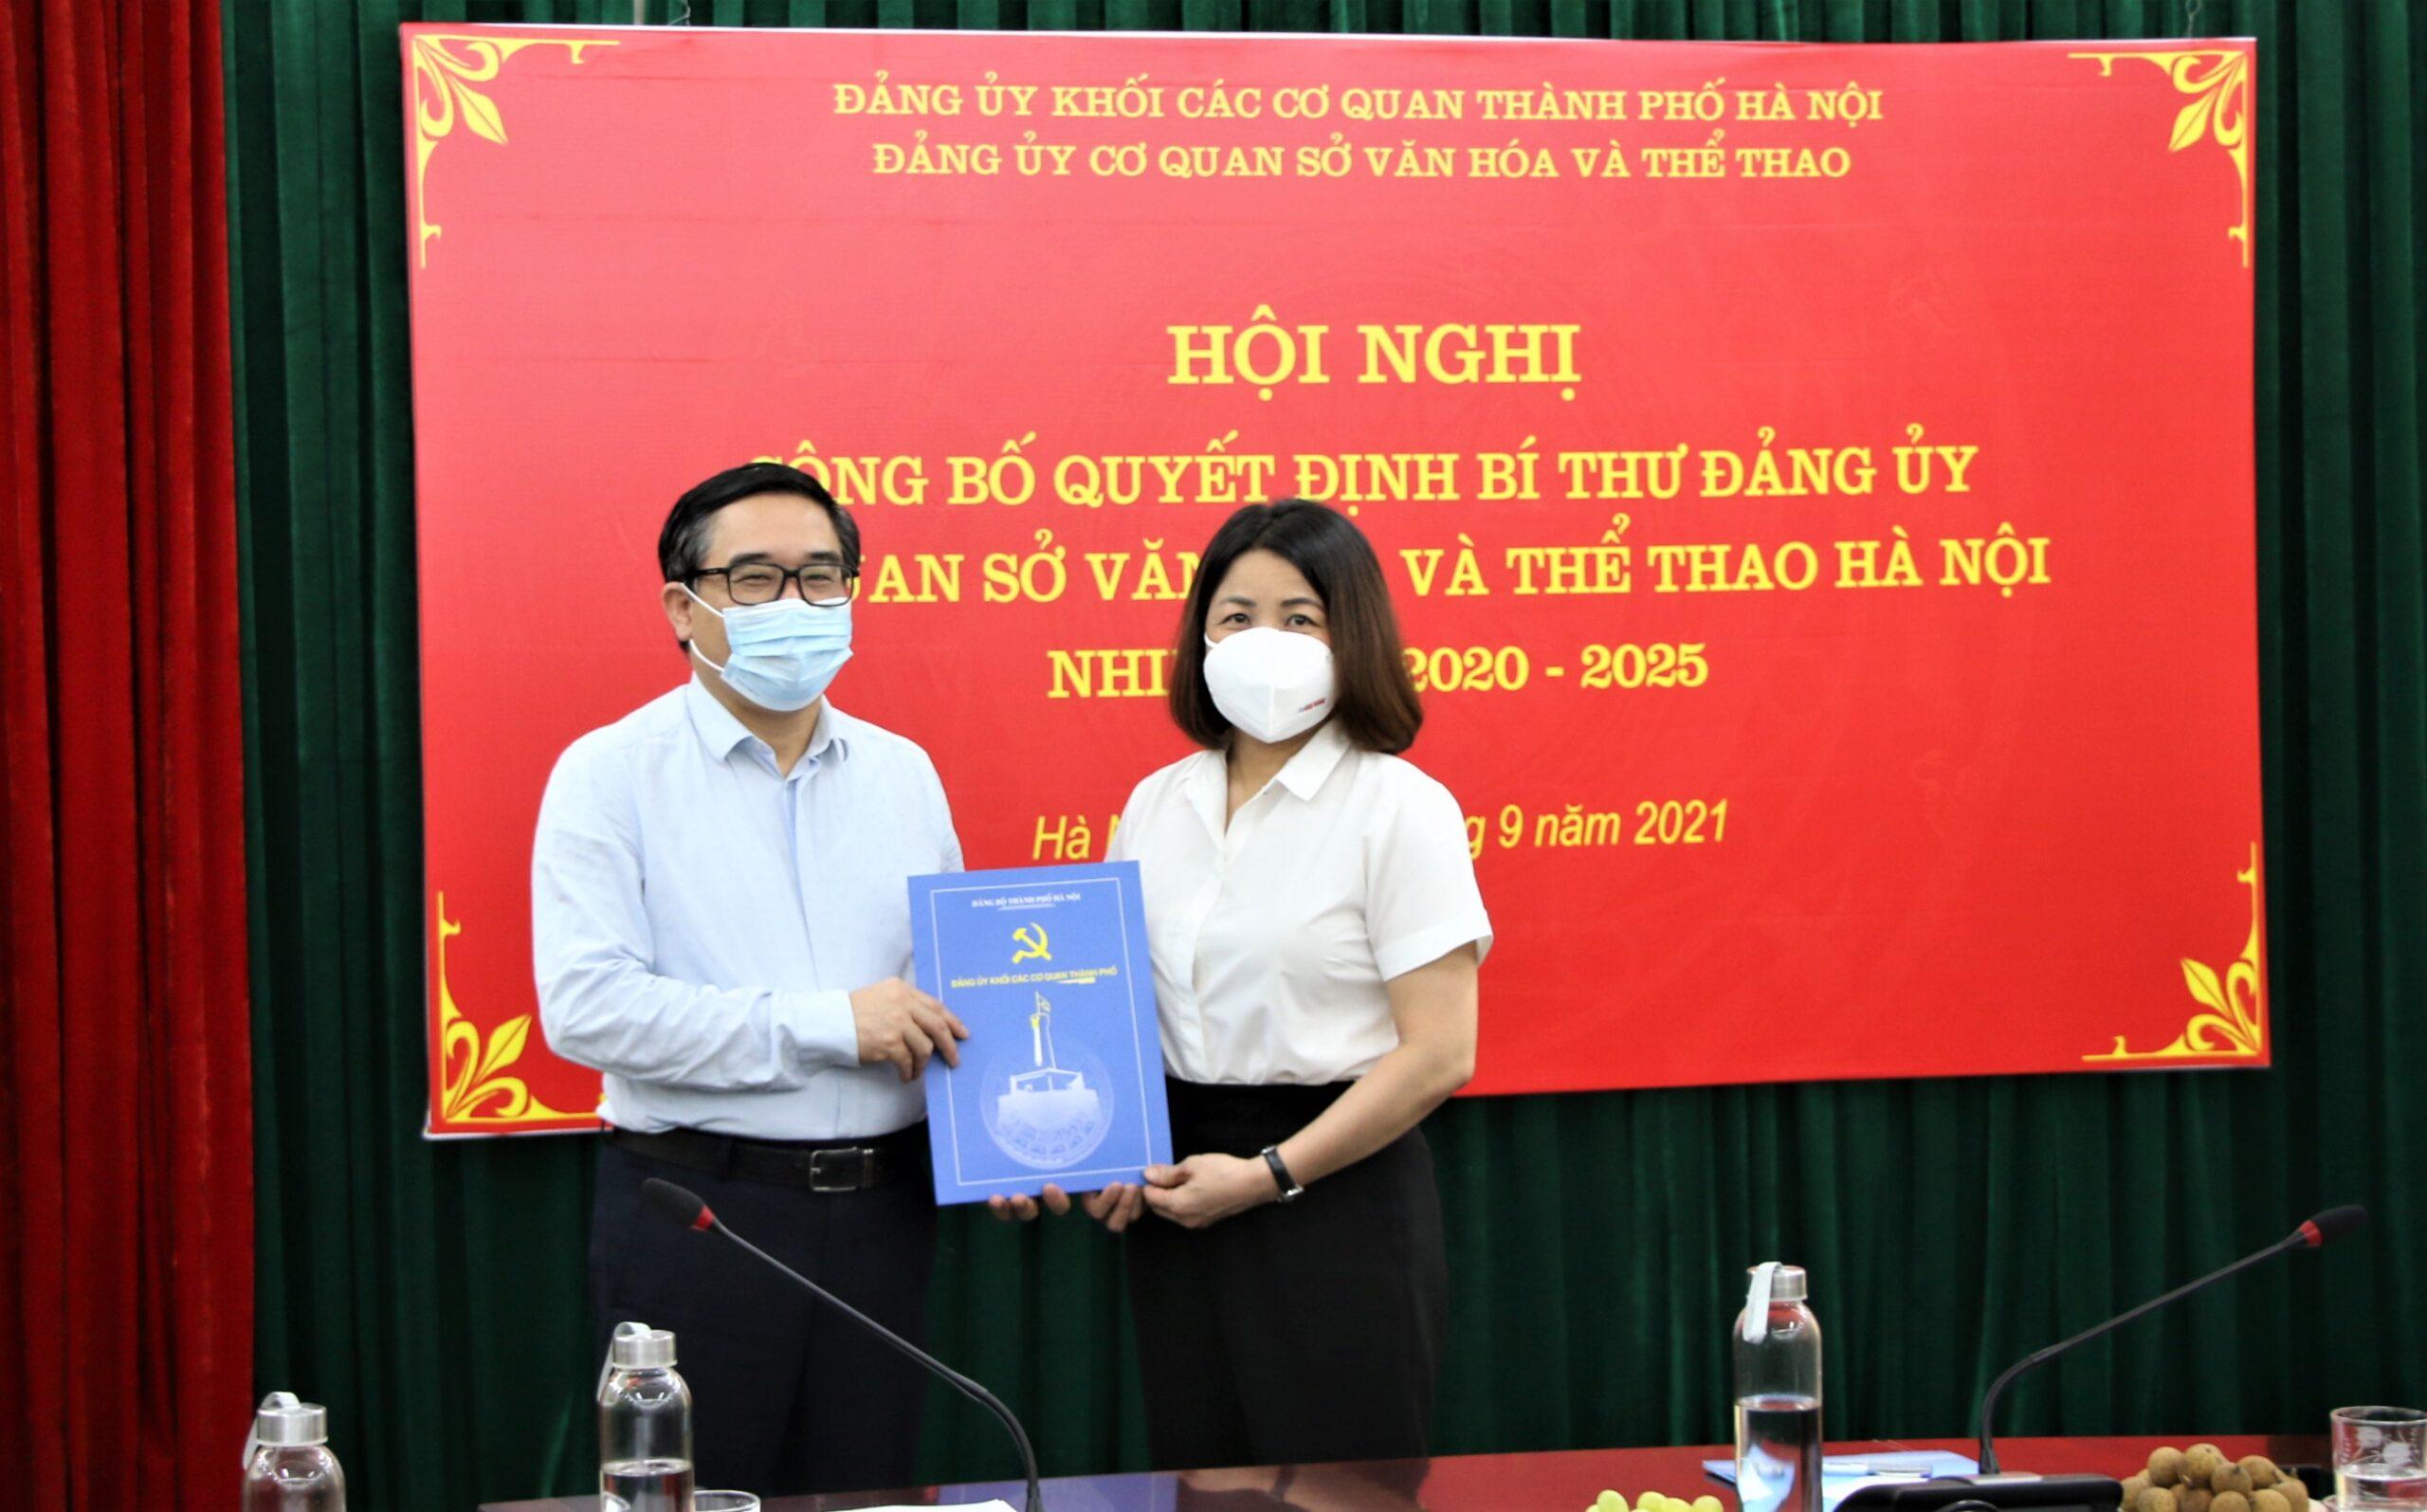 Công bố Quyết định Bí thư Đảng ủy Sở Văn hóa và Thể thao Hà Nội nhiệm kỳ 2020 – 2025